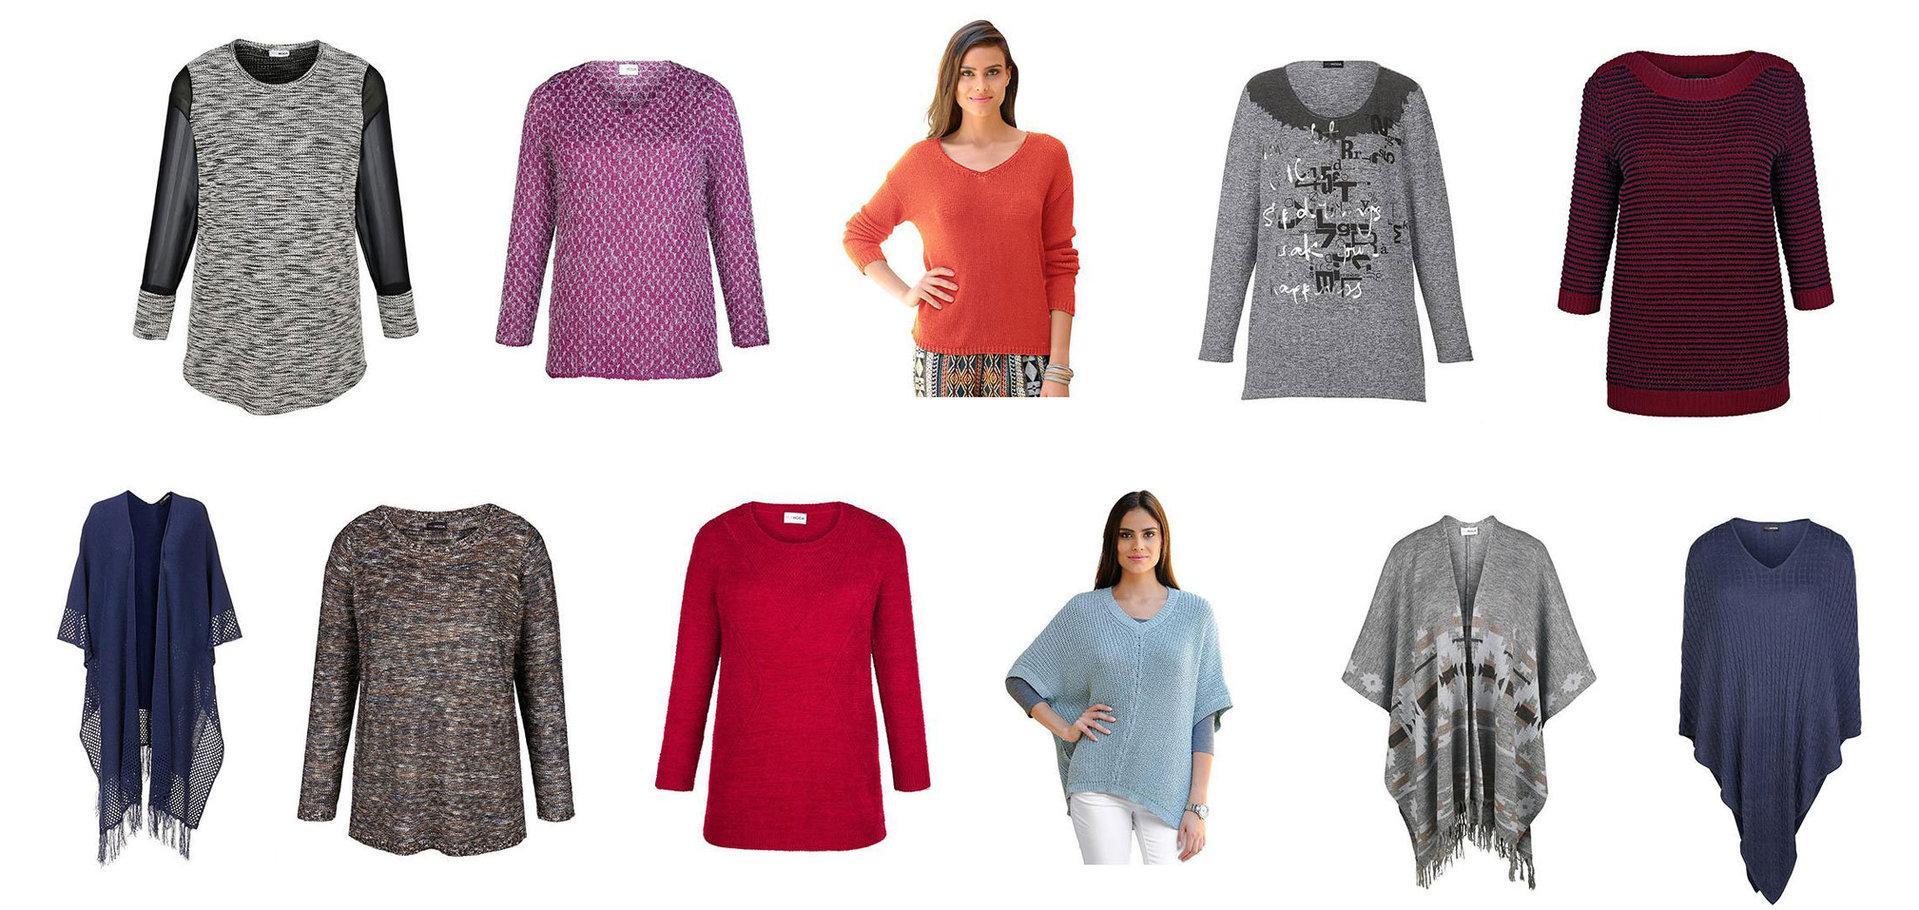 buy online 42697 5d135 Damen Marken Mix Kleidung neu Herbst Winter, 12 Artikel ...